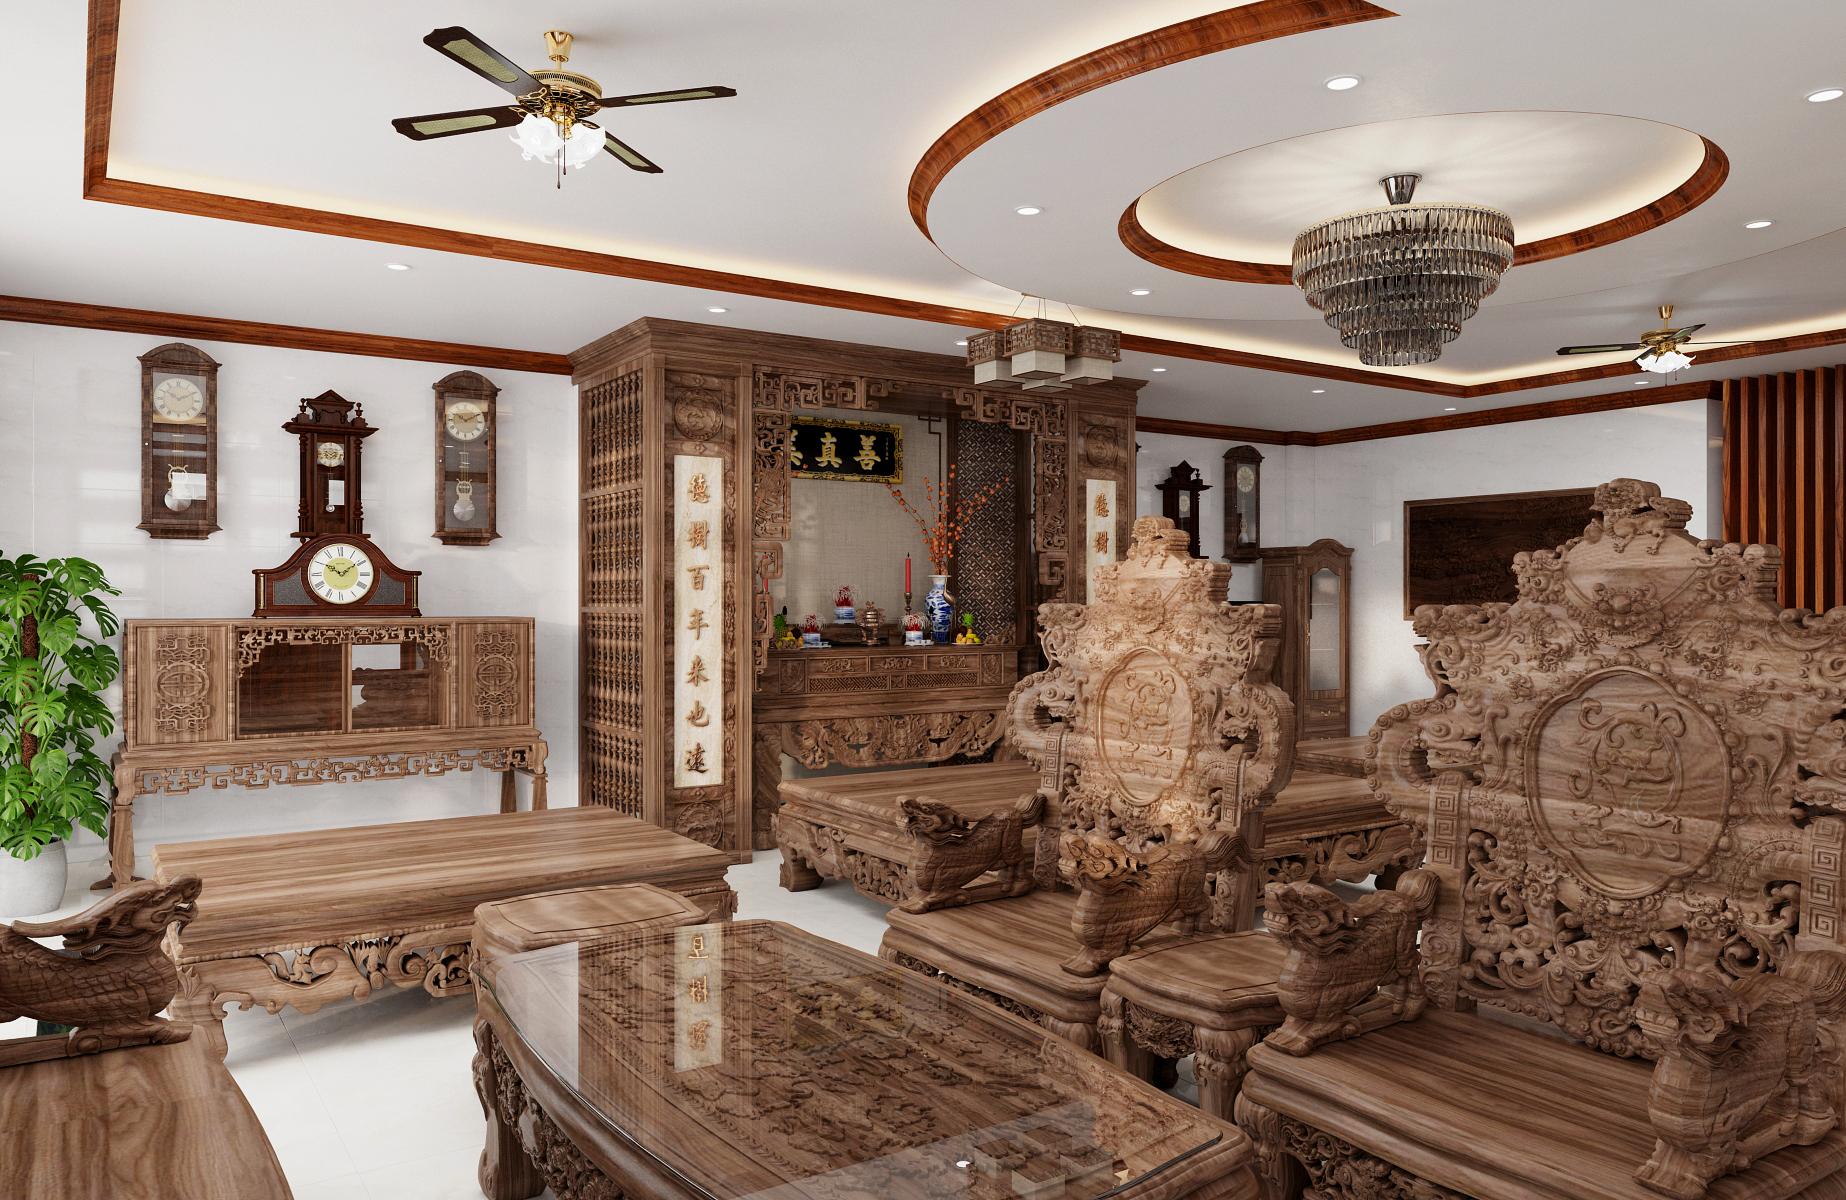 Thiết kế nội thất Biệt Thự tại Nam Định Living House 1573645677 6